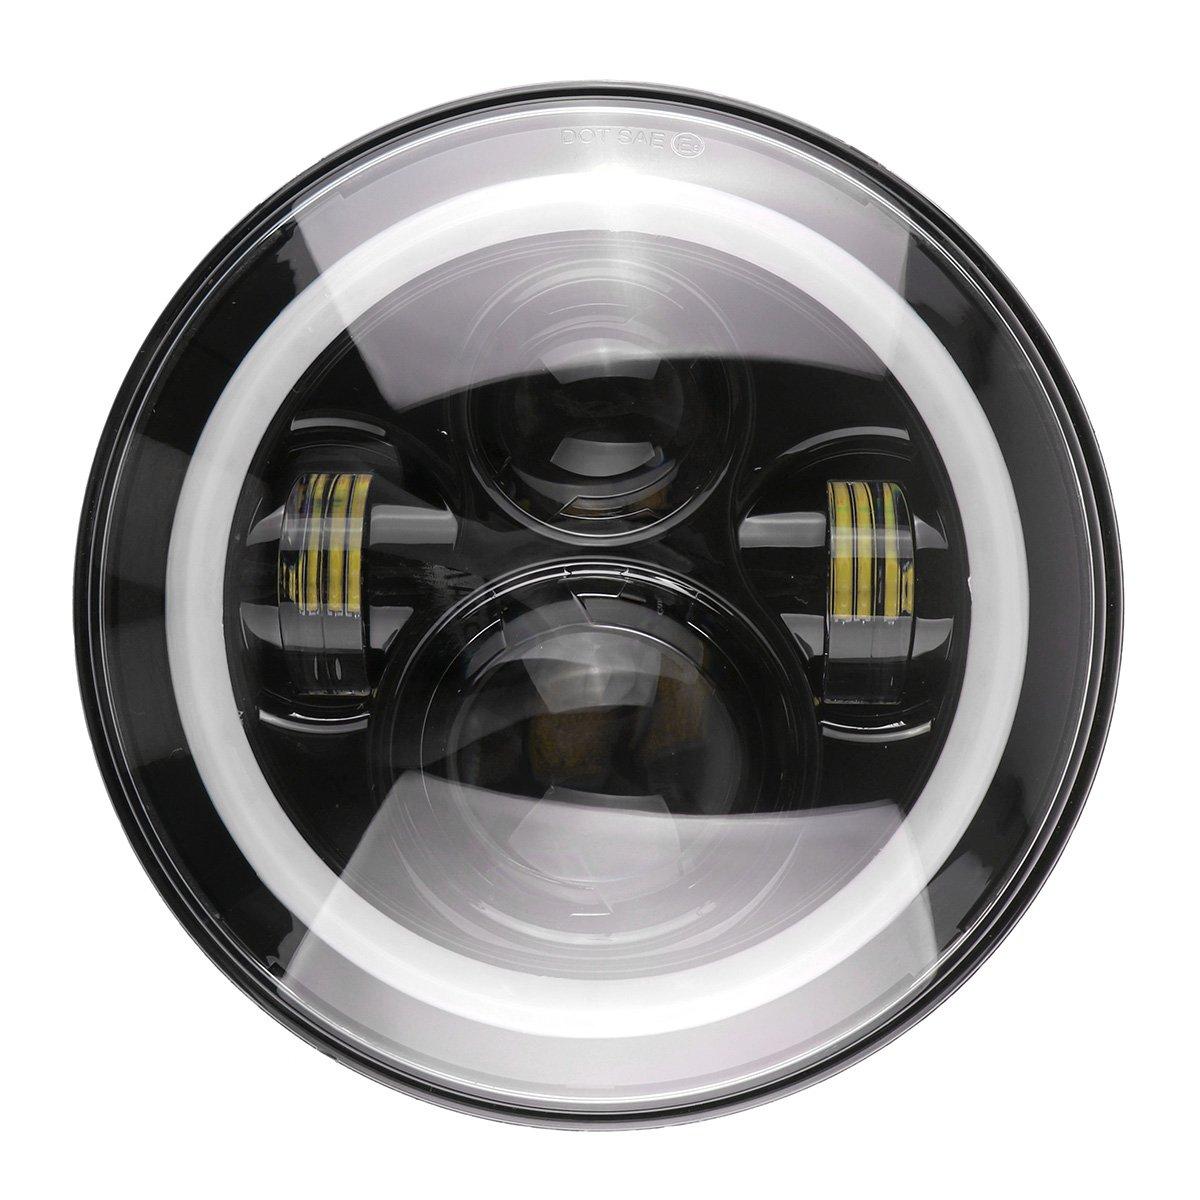 100 Fit 6.8x7.5mm Hole Plastic Clip Push Type Retainer Automotive Bumper Fender